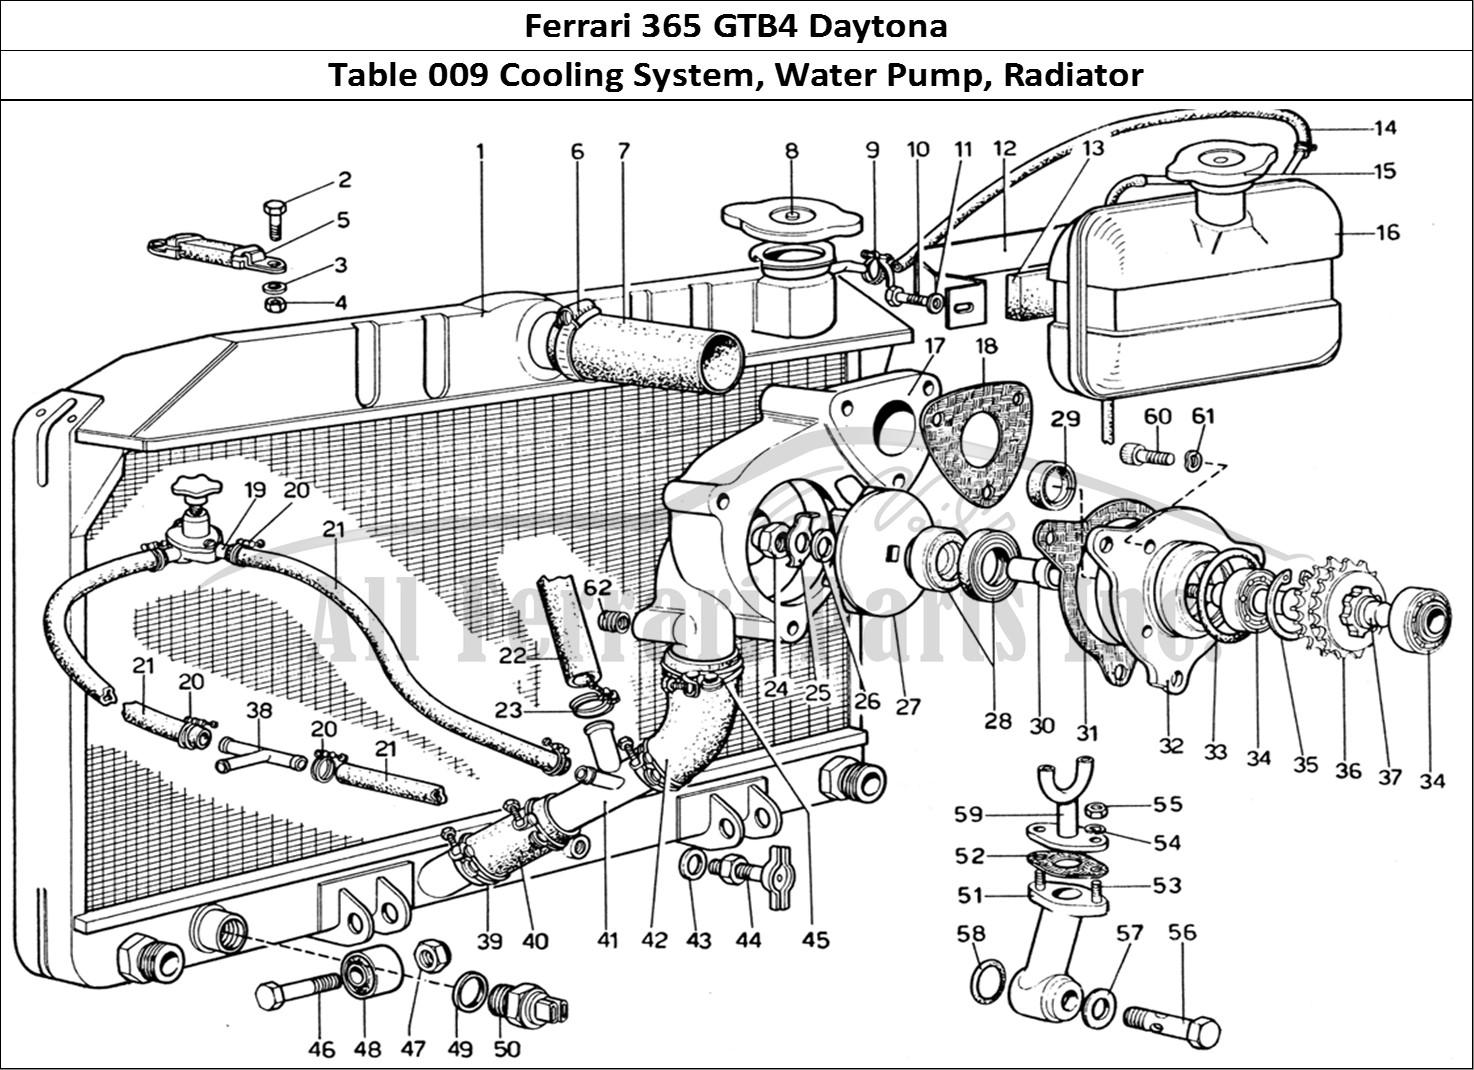 Buy Original Ferrari 365 Gtb4 Daytona 009 Cooling System